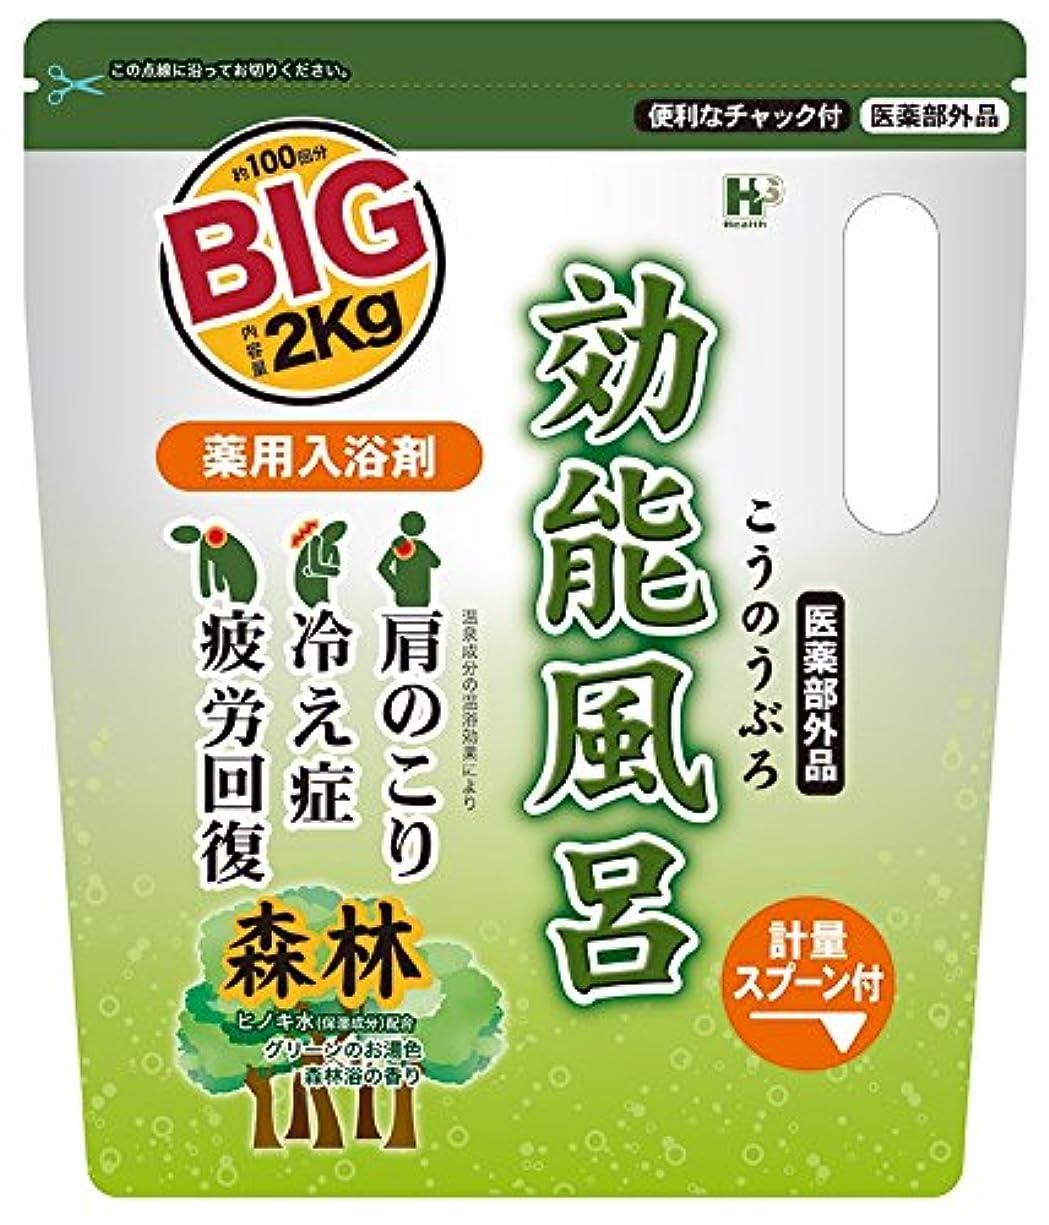 胸欲しいですレタス薬用入浴剤 効能風呂 森林の香り BIGサイズ 2kg [医薬部外品]